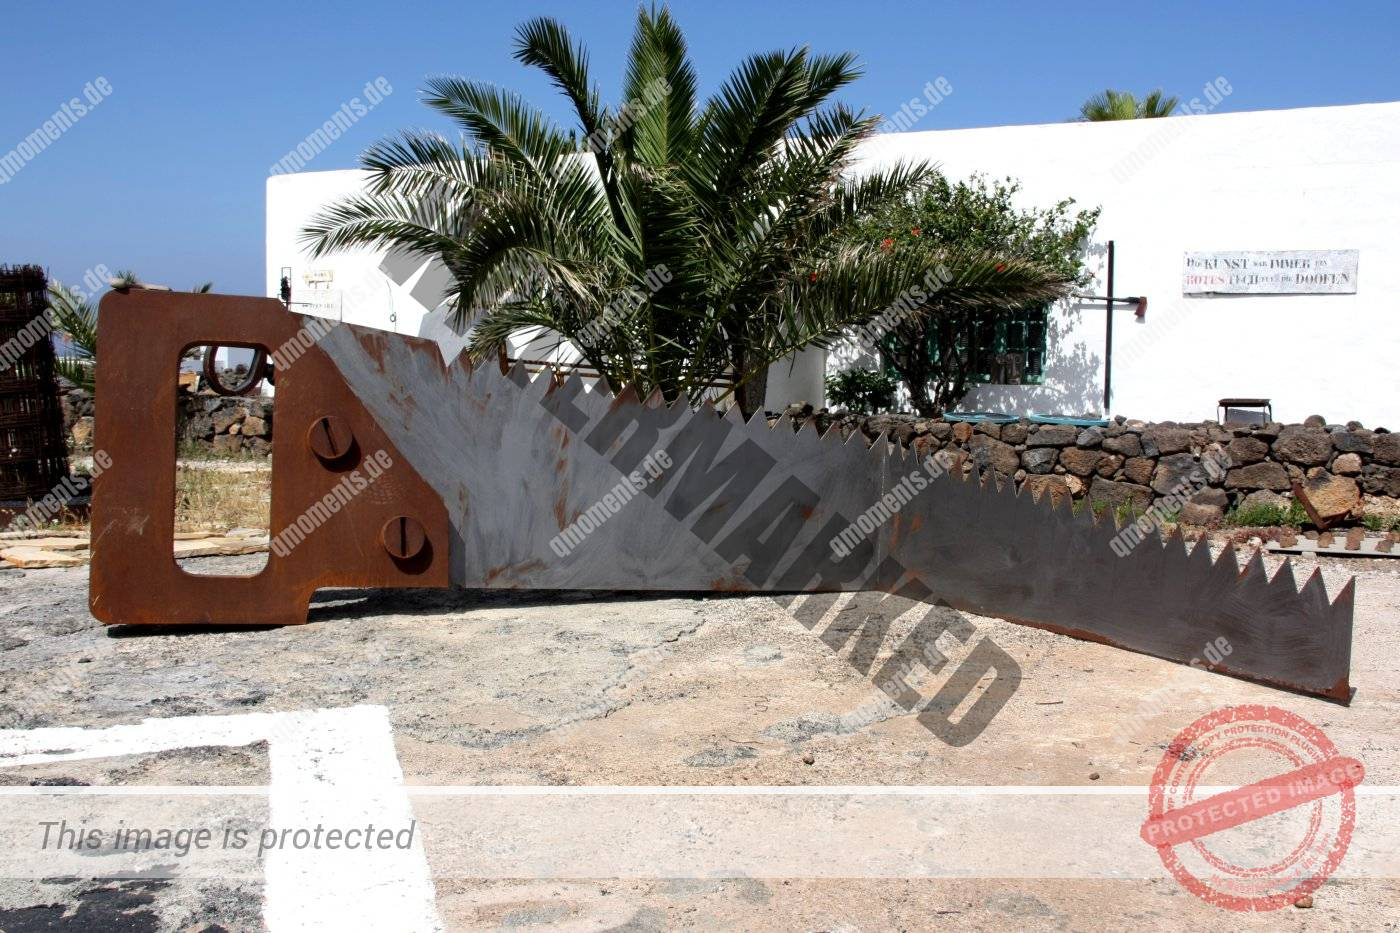 Kunst von Noss auf Lanzarote